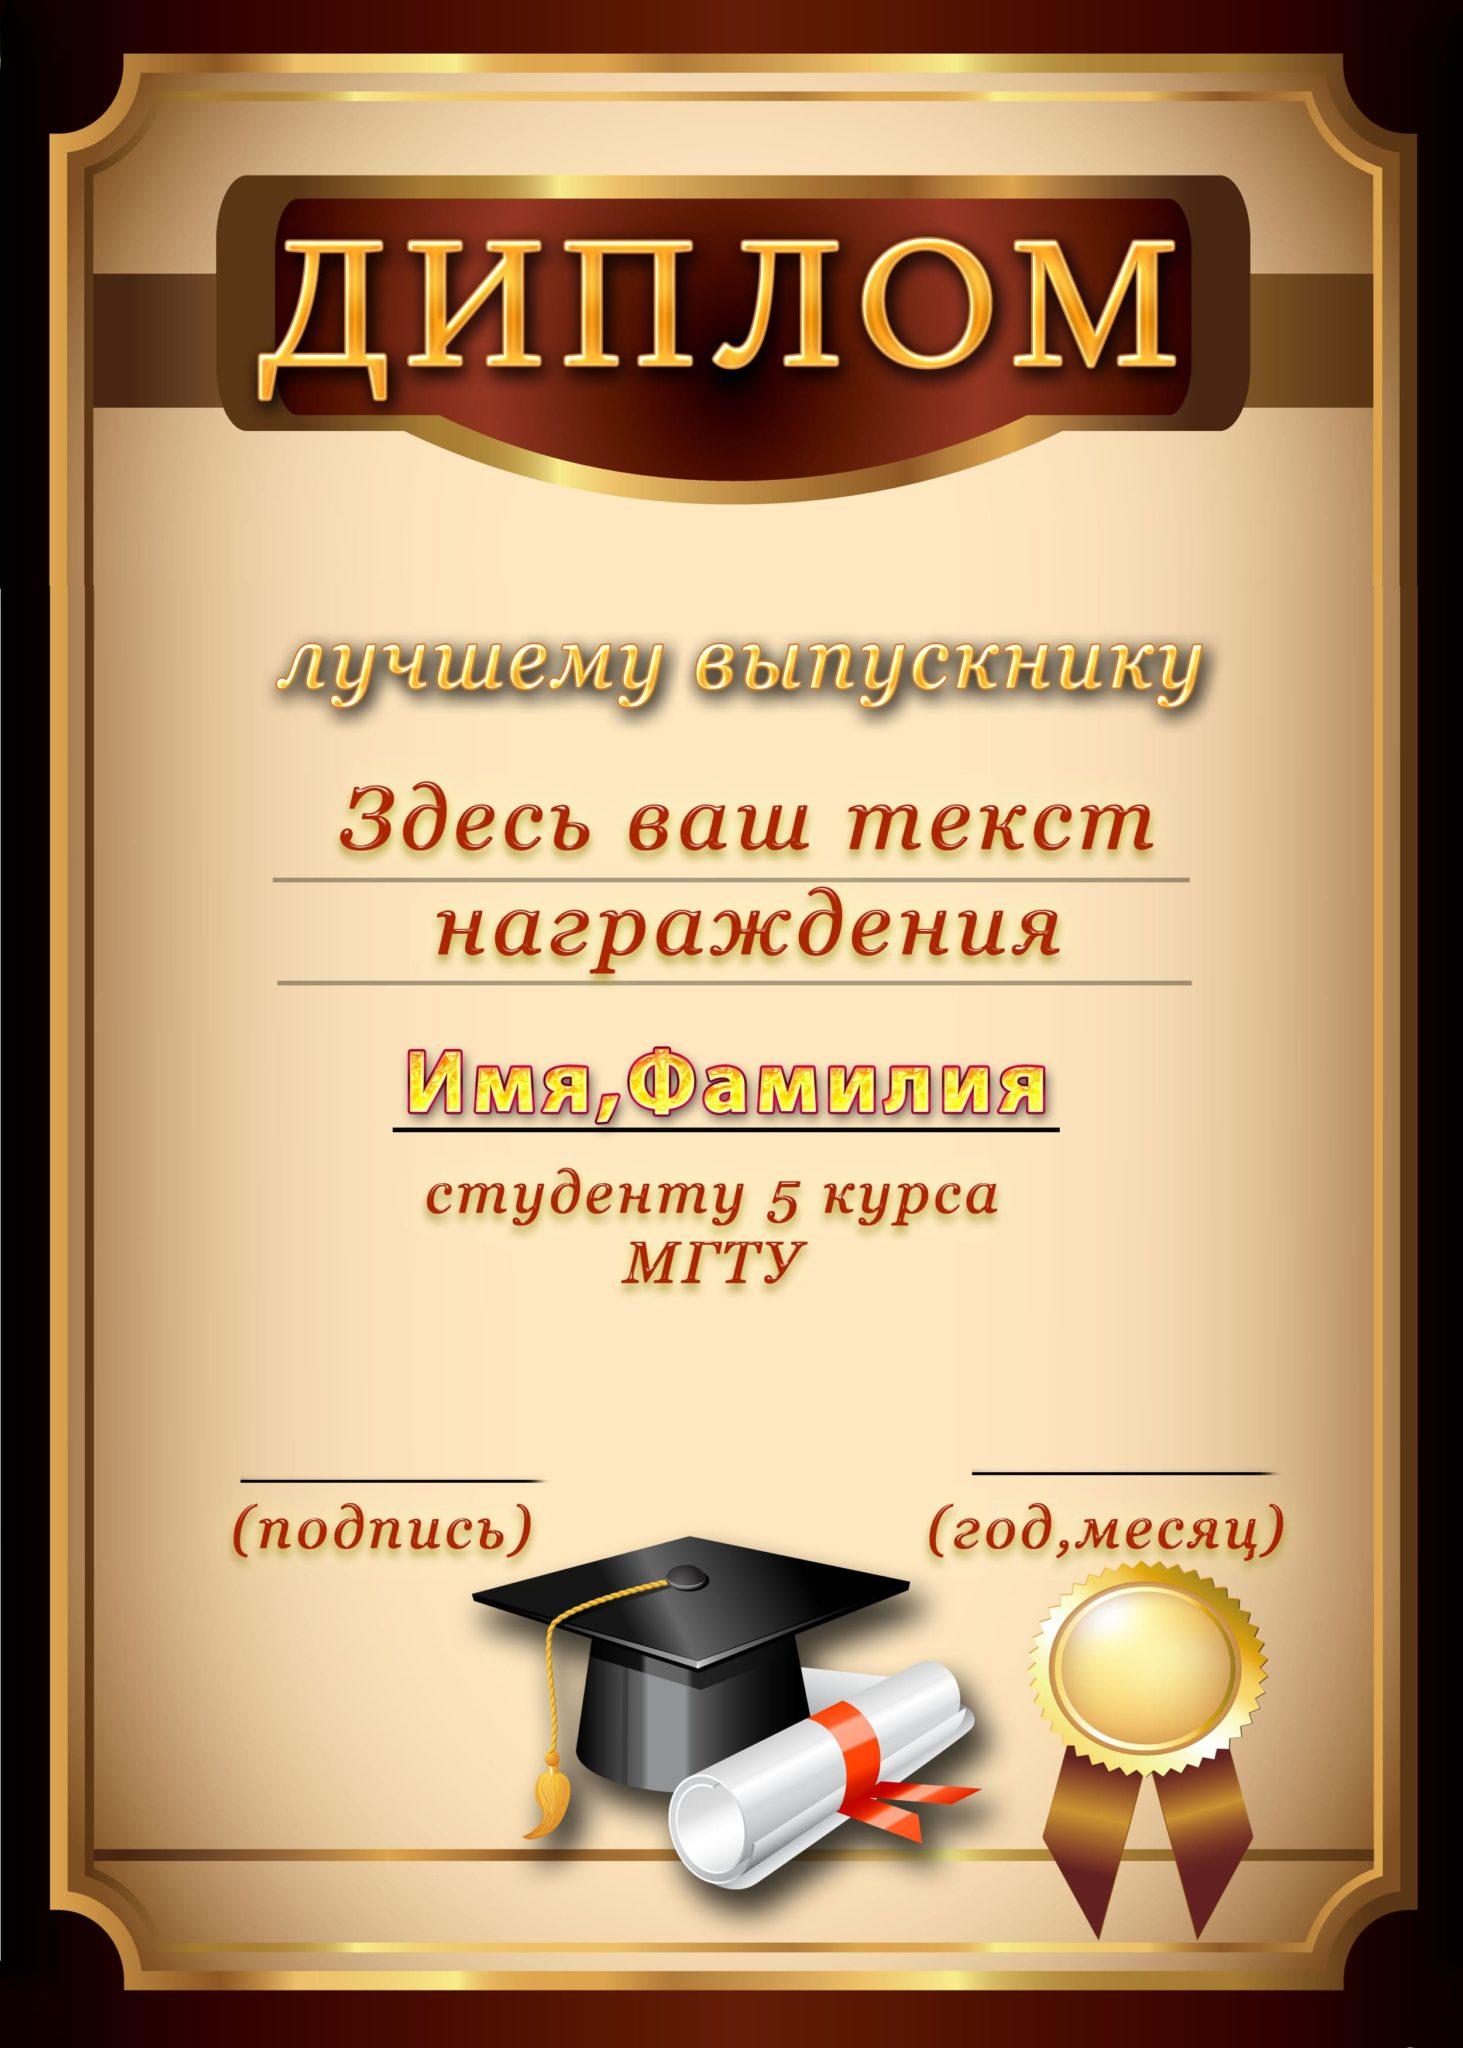 15 min - Дипломы и грамоты